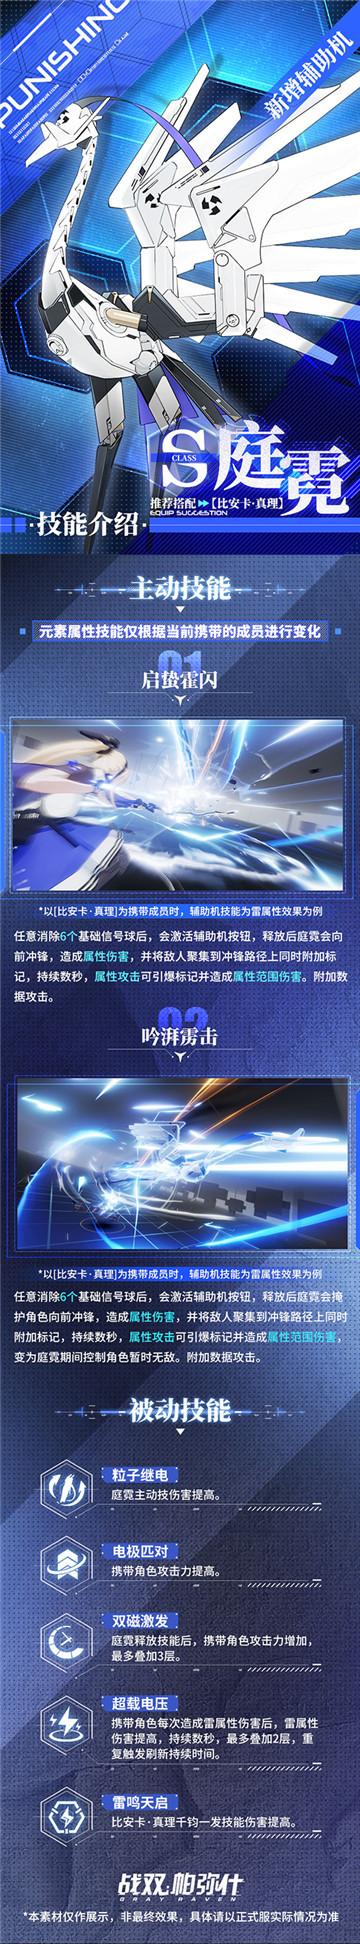 又萌又炸,《战双帕弥什》两大飞行作战辅助机「庭霓」「沃托」即将上线!